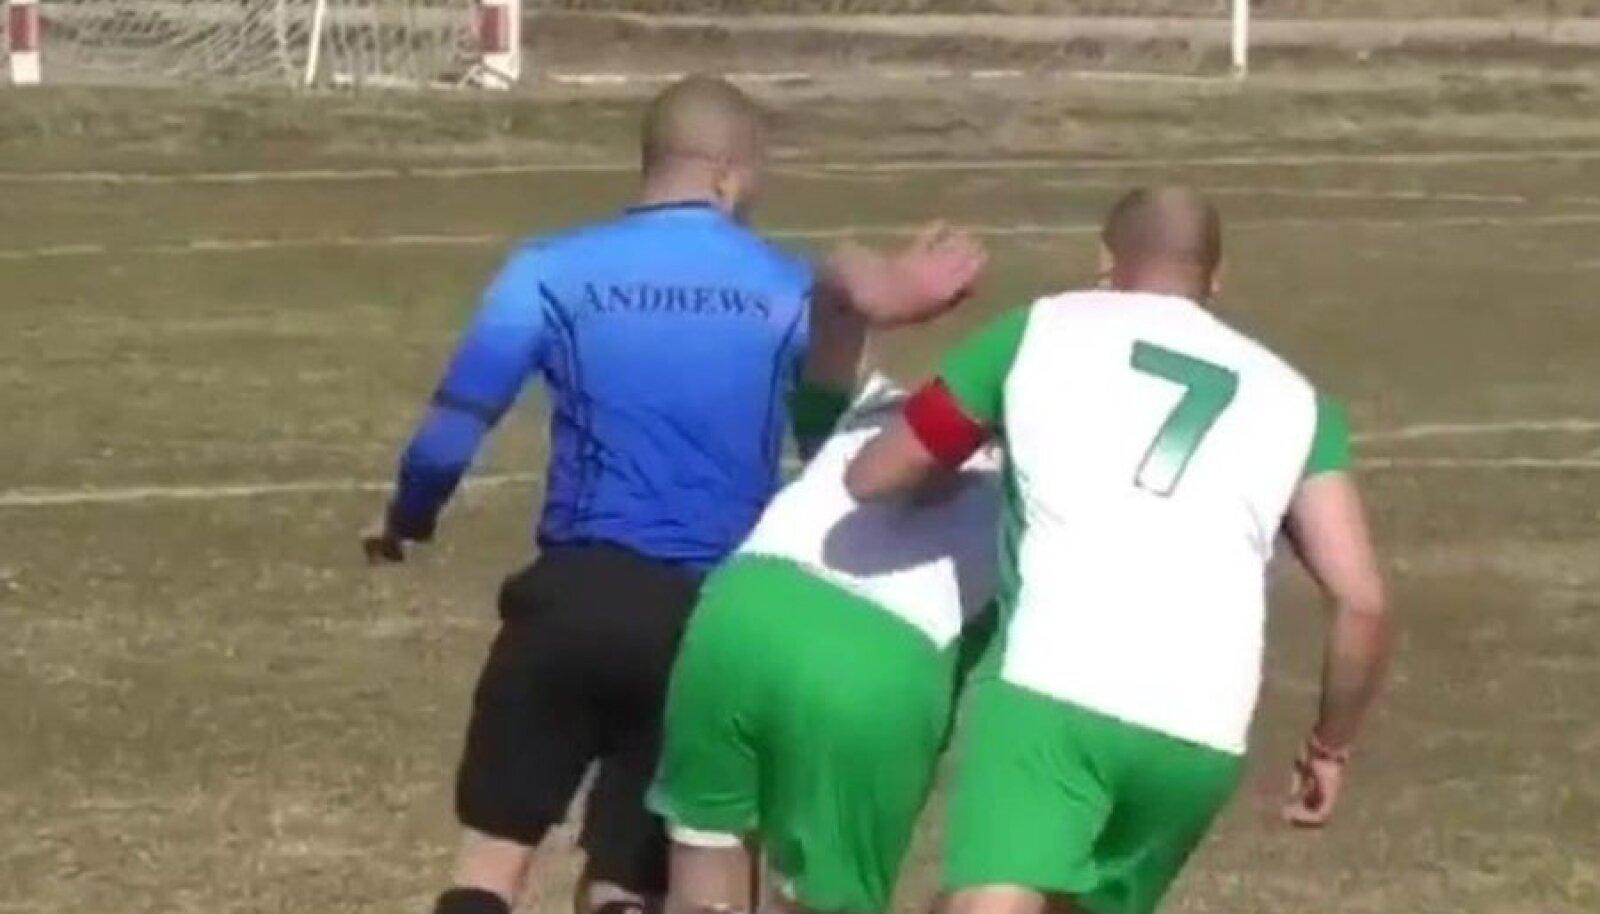 Vihased jalgpallurid ajavad kohtunikku taga